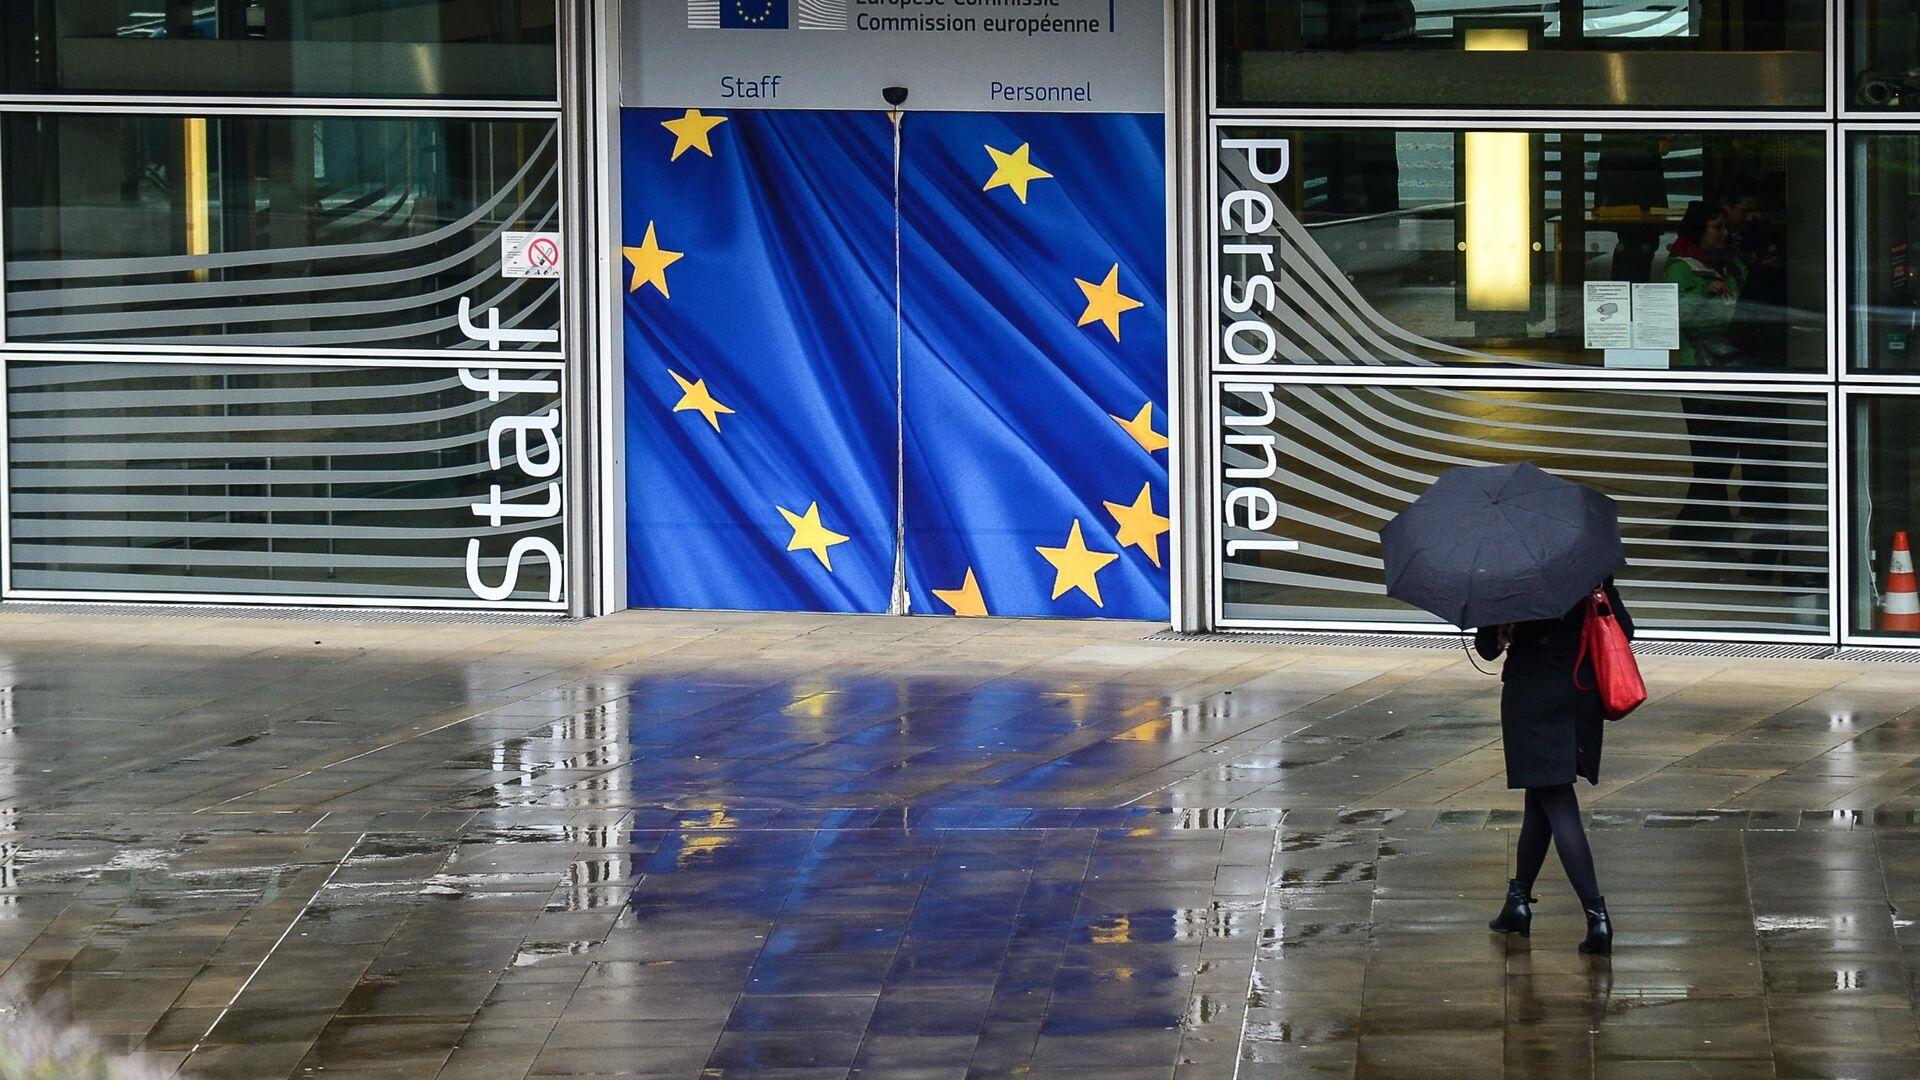 Вход в здание Еврокомиссии в Брюсселе - РИА Новости, 1920, 21.02.2021